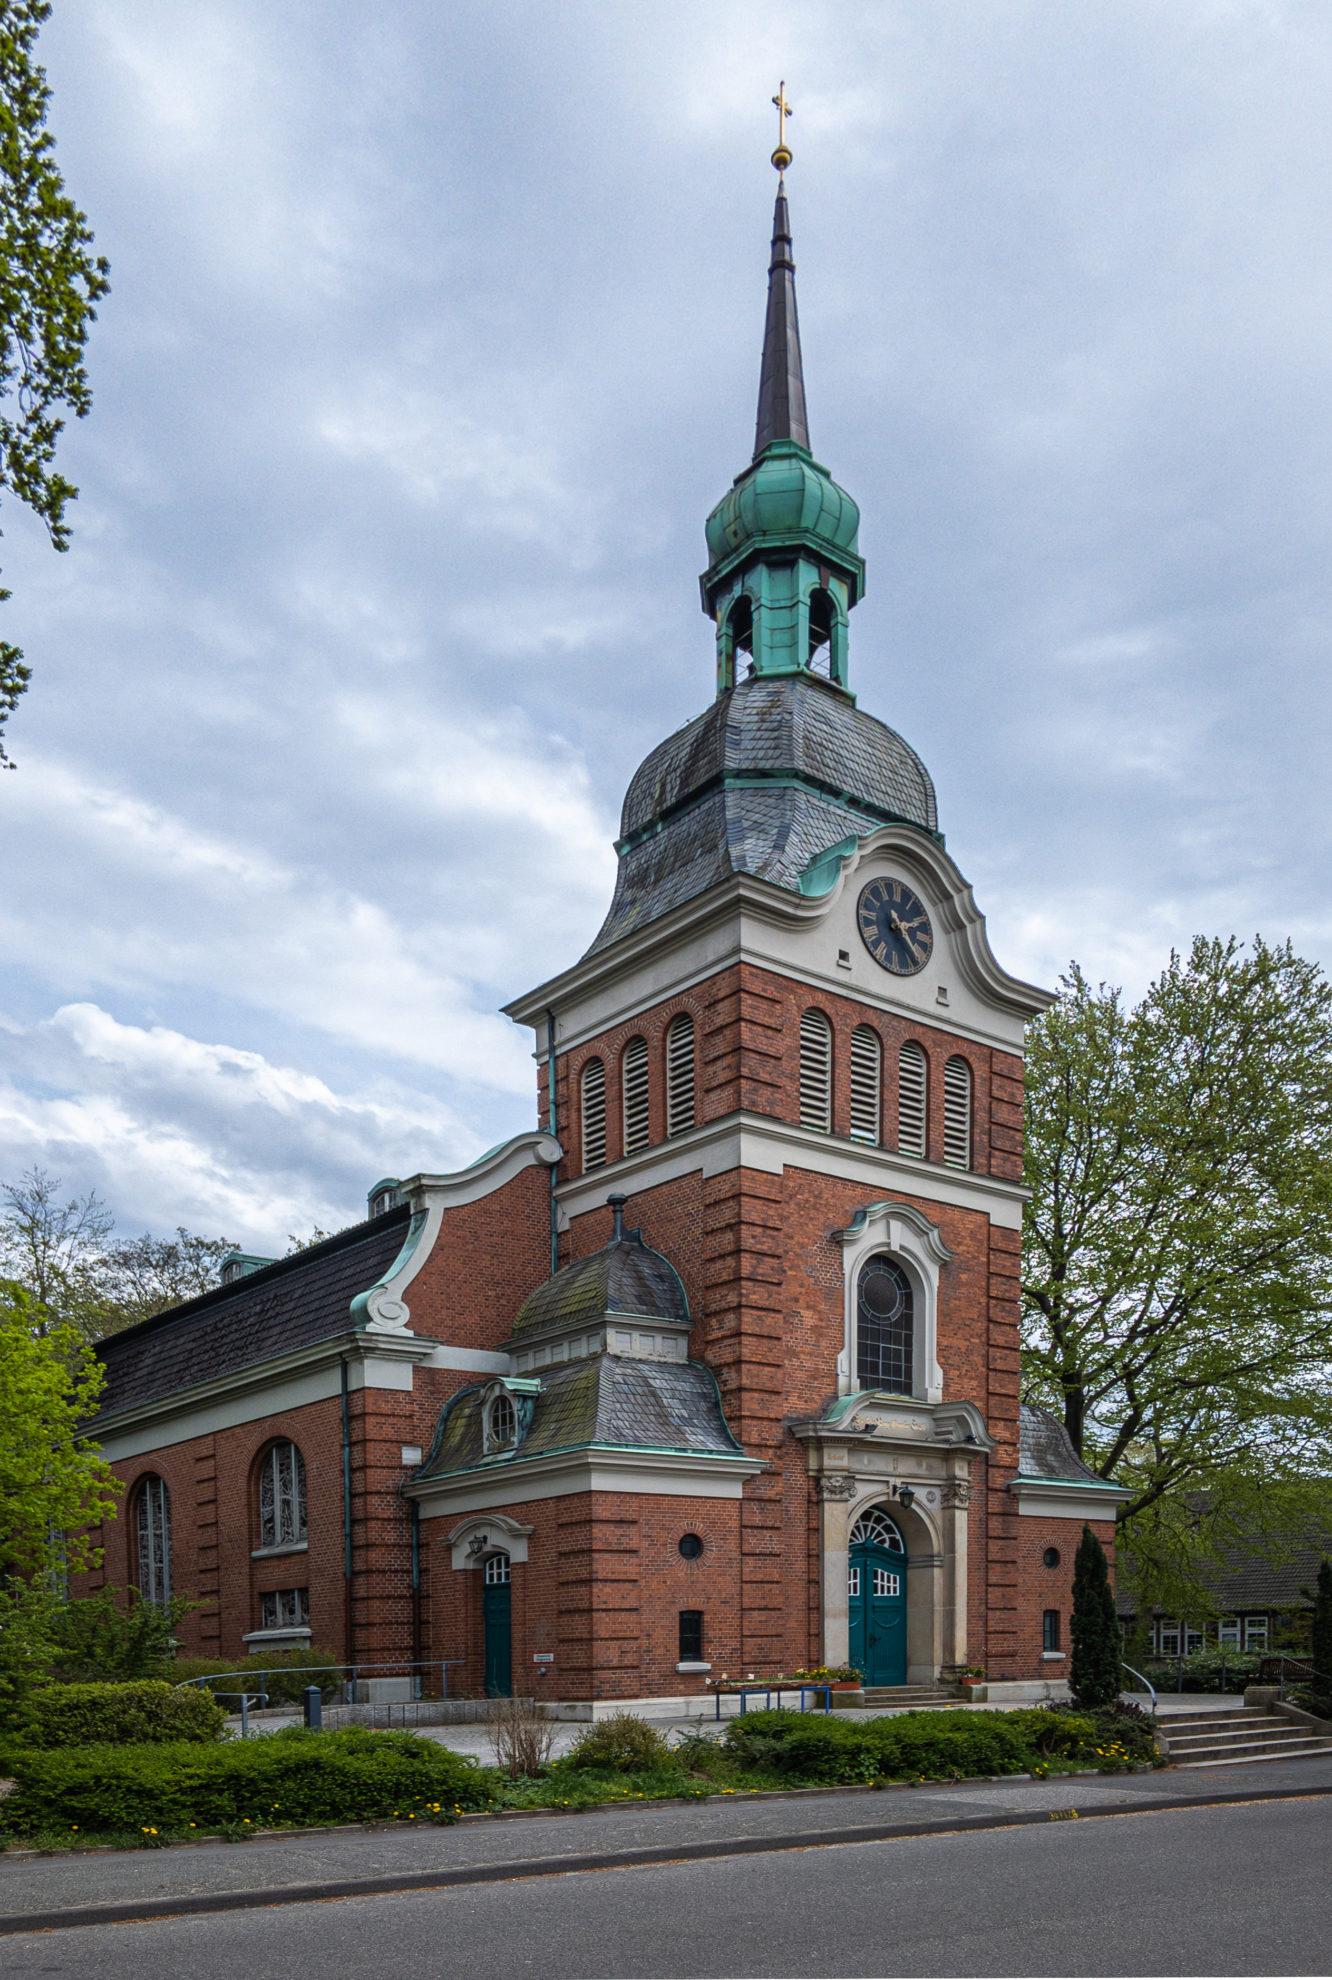 Evangelisch-lutherische Lutherkirche, Bahrenfeld